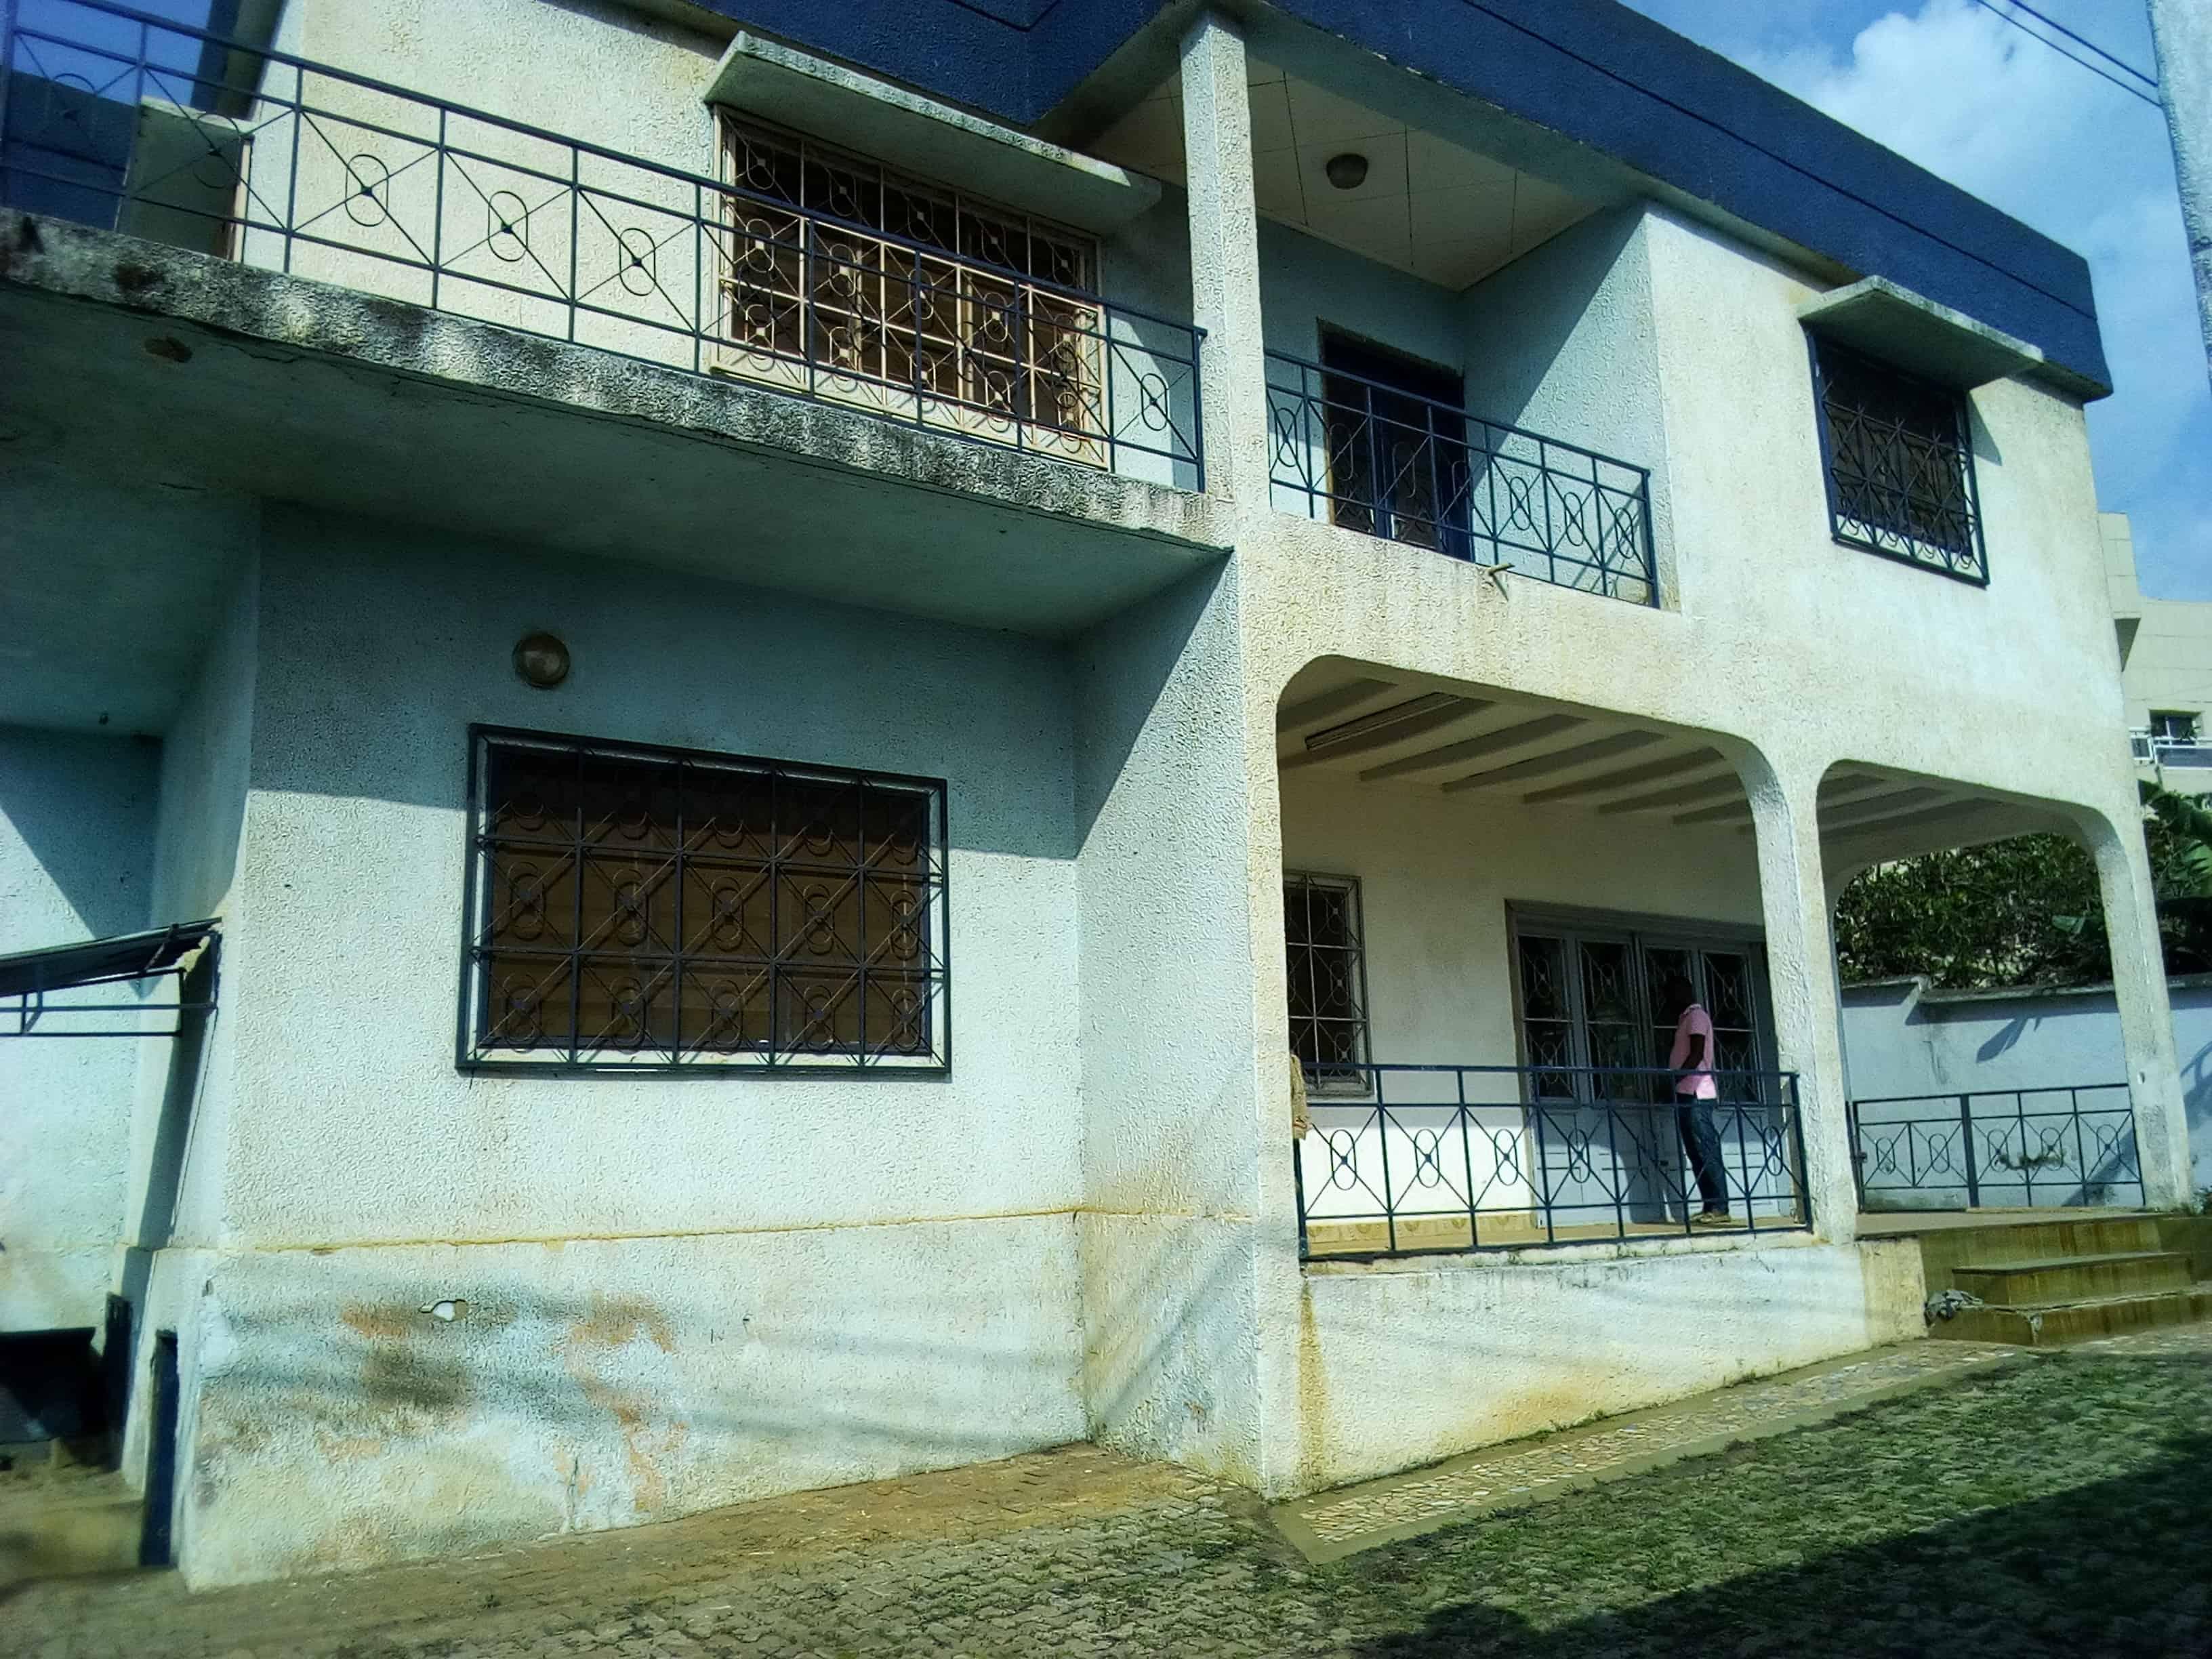 Maison (Villa) à vendre - Yaoundé, Mfandena, pas loin des impots - 1 salon(s), 4 chambre(s), 3 salle(s) de bains - 120 000 000 FCFA